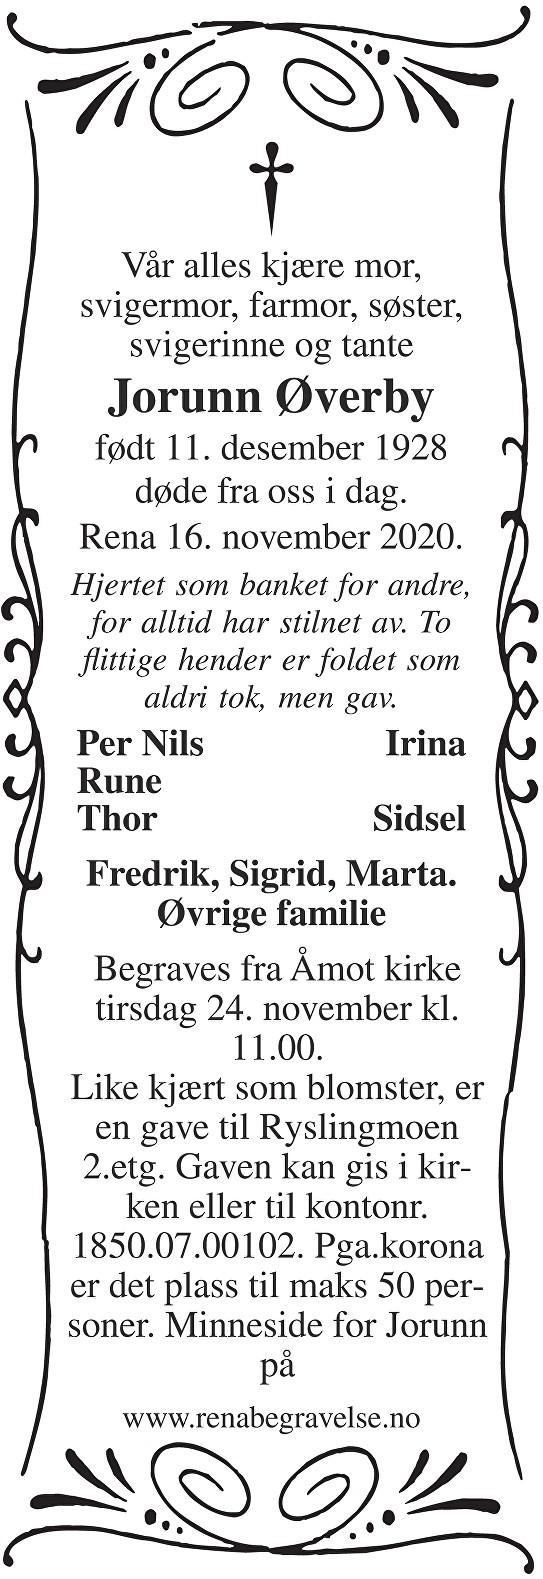 Jorunn Øverby Dødsannonse